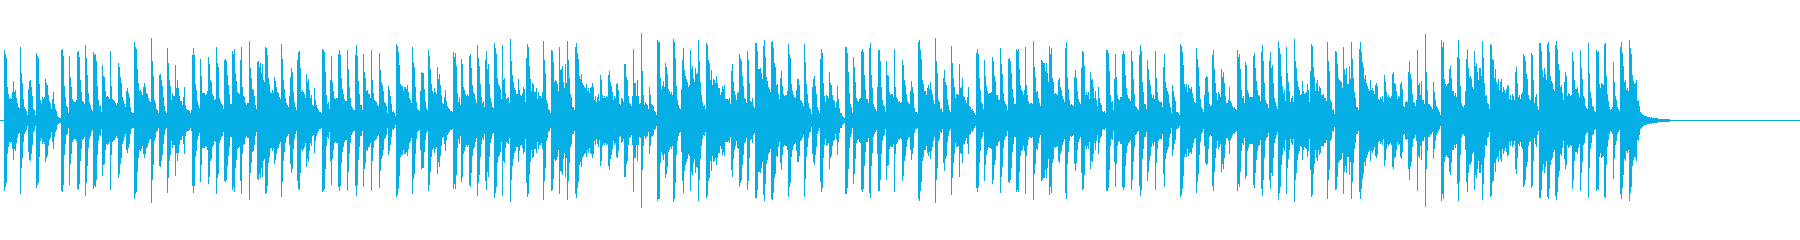 スティールパンによるほのぼのした曲の再生済みの波形